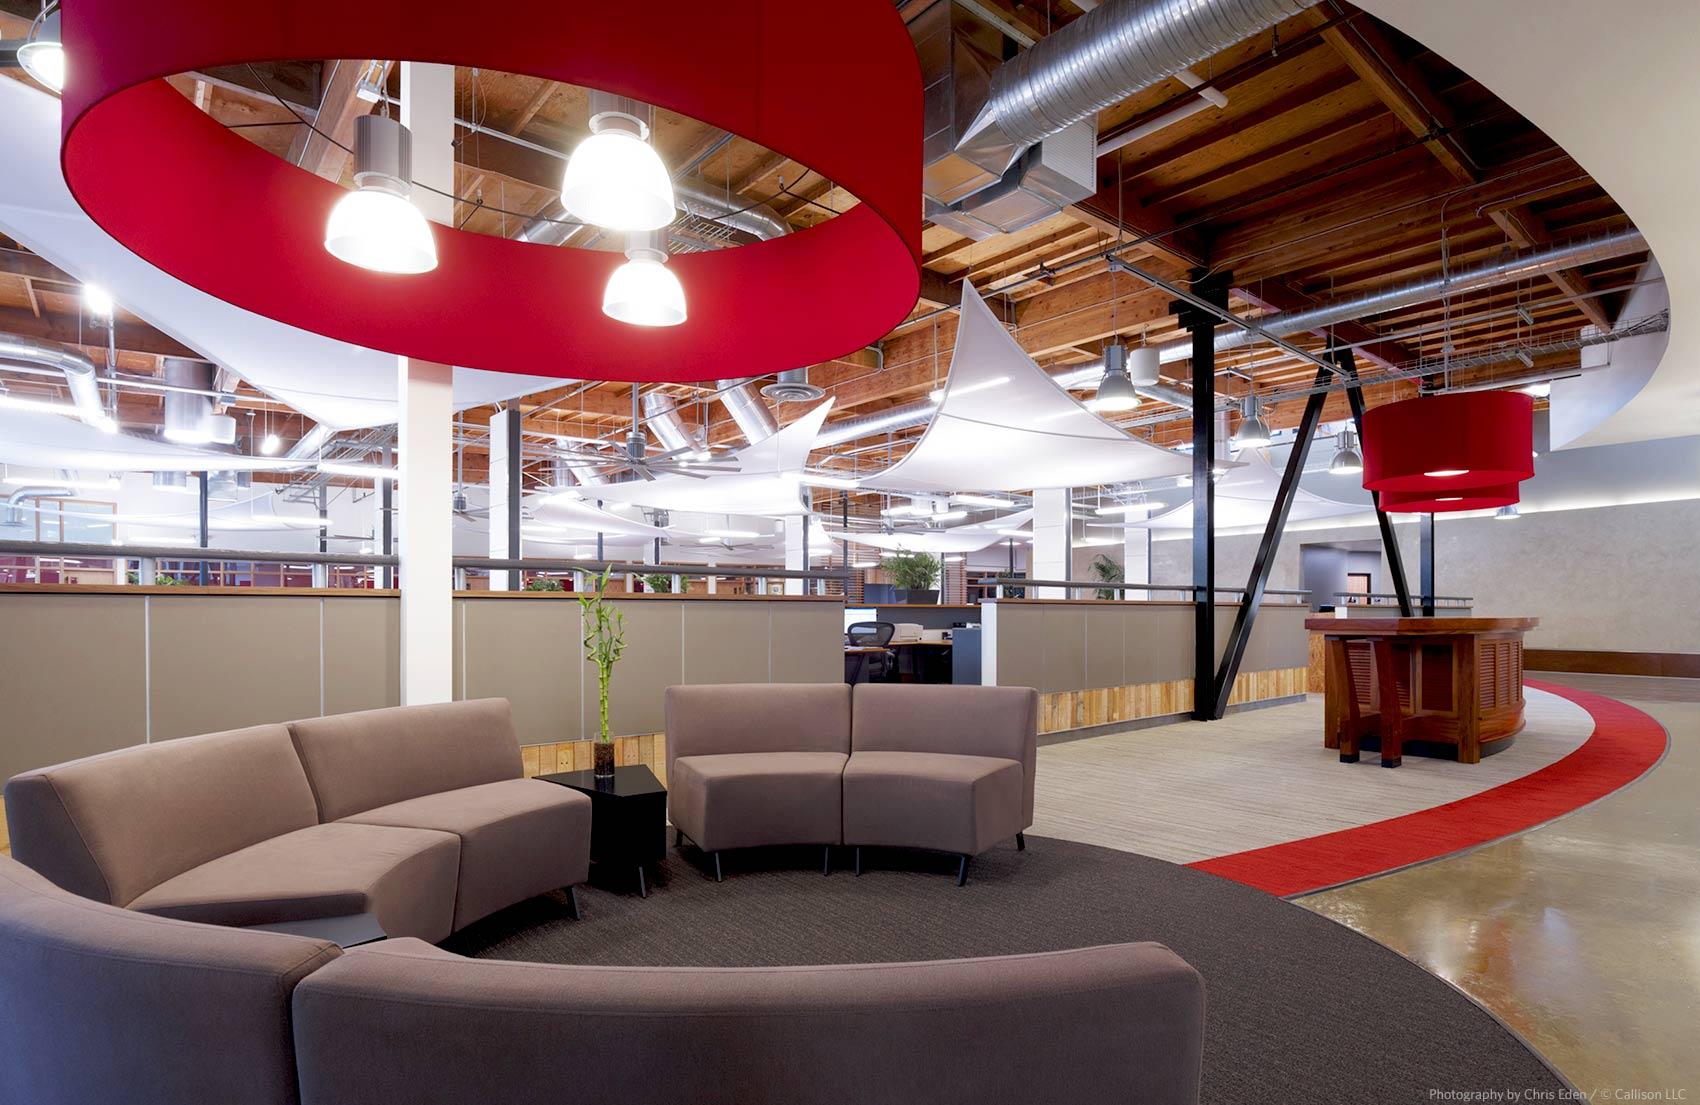 DPR - Office interior